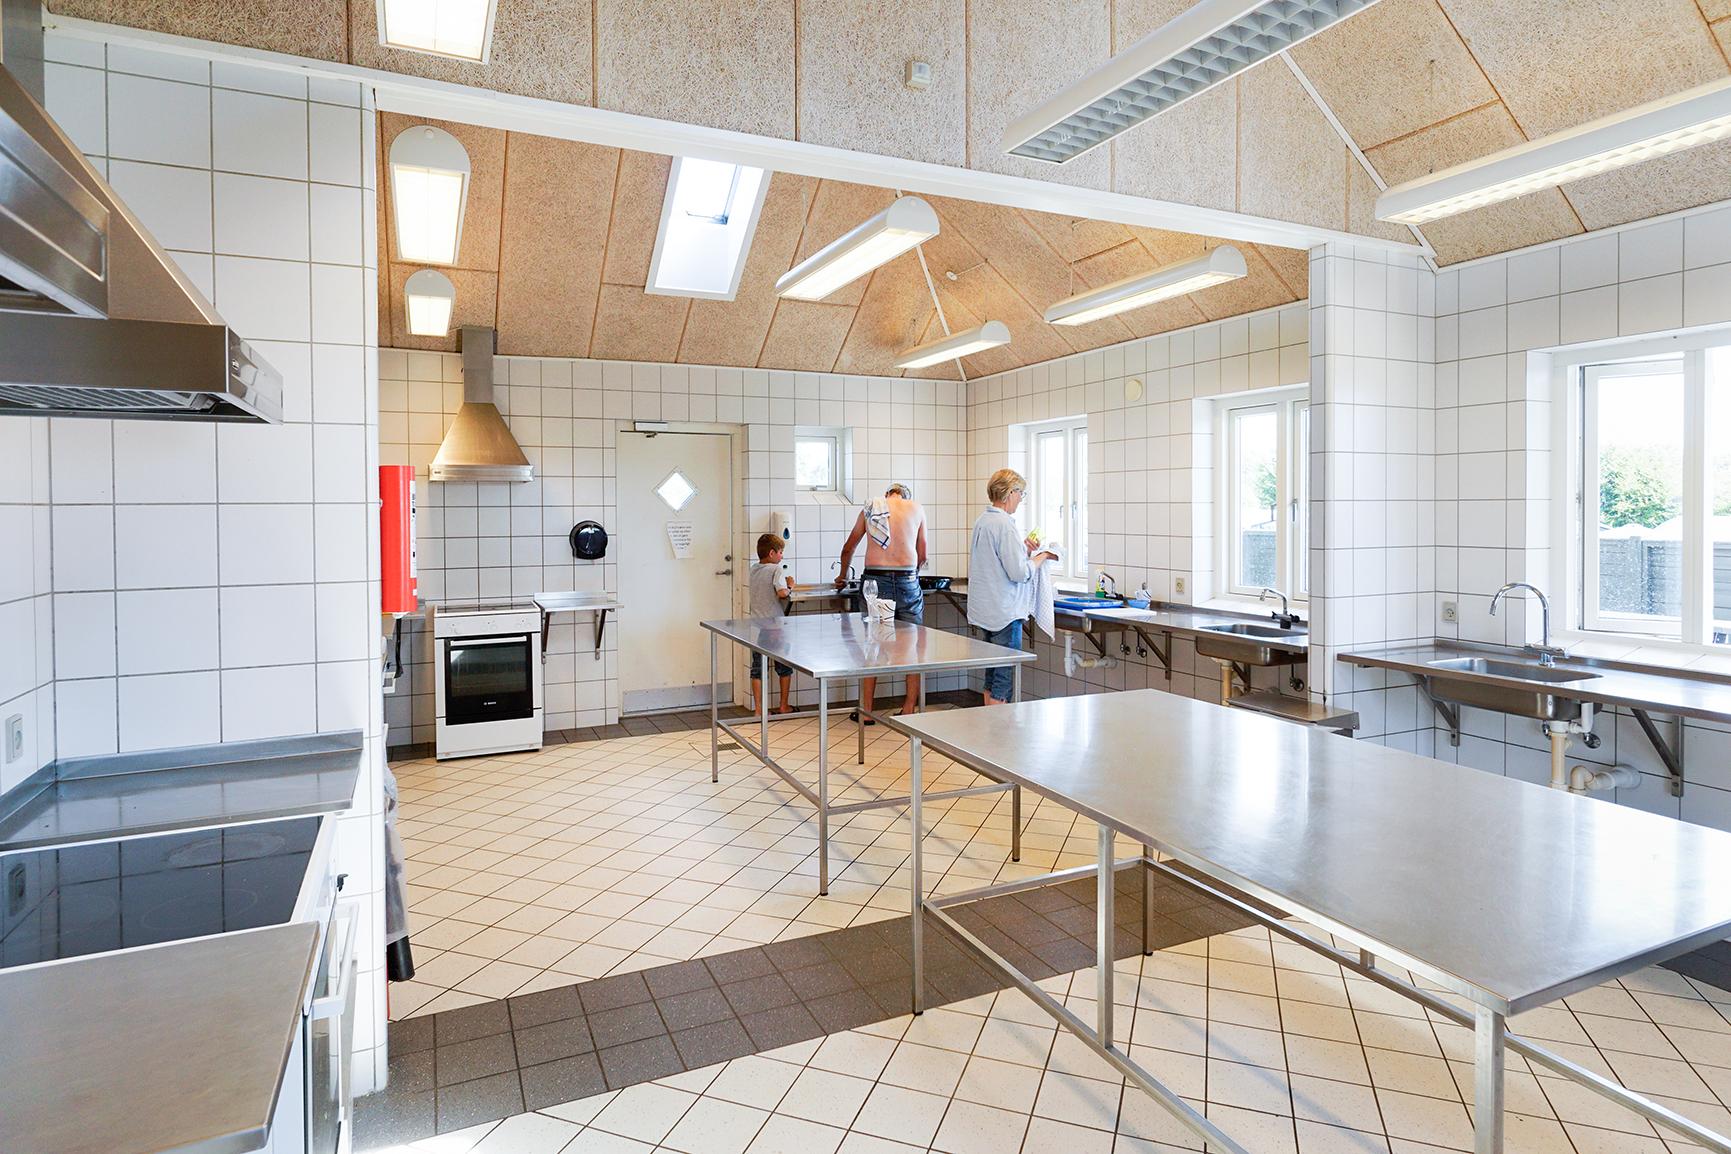 Køkken og toiletfaciliteter på de hvide svaner camping